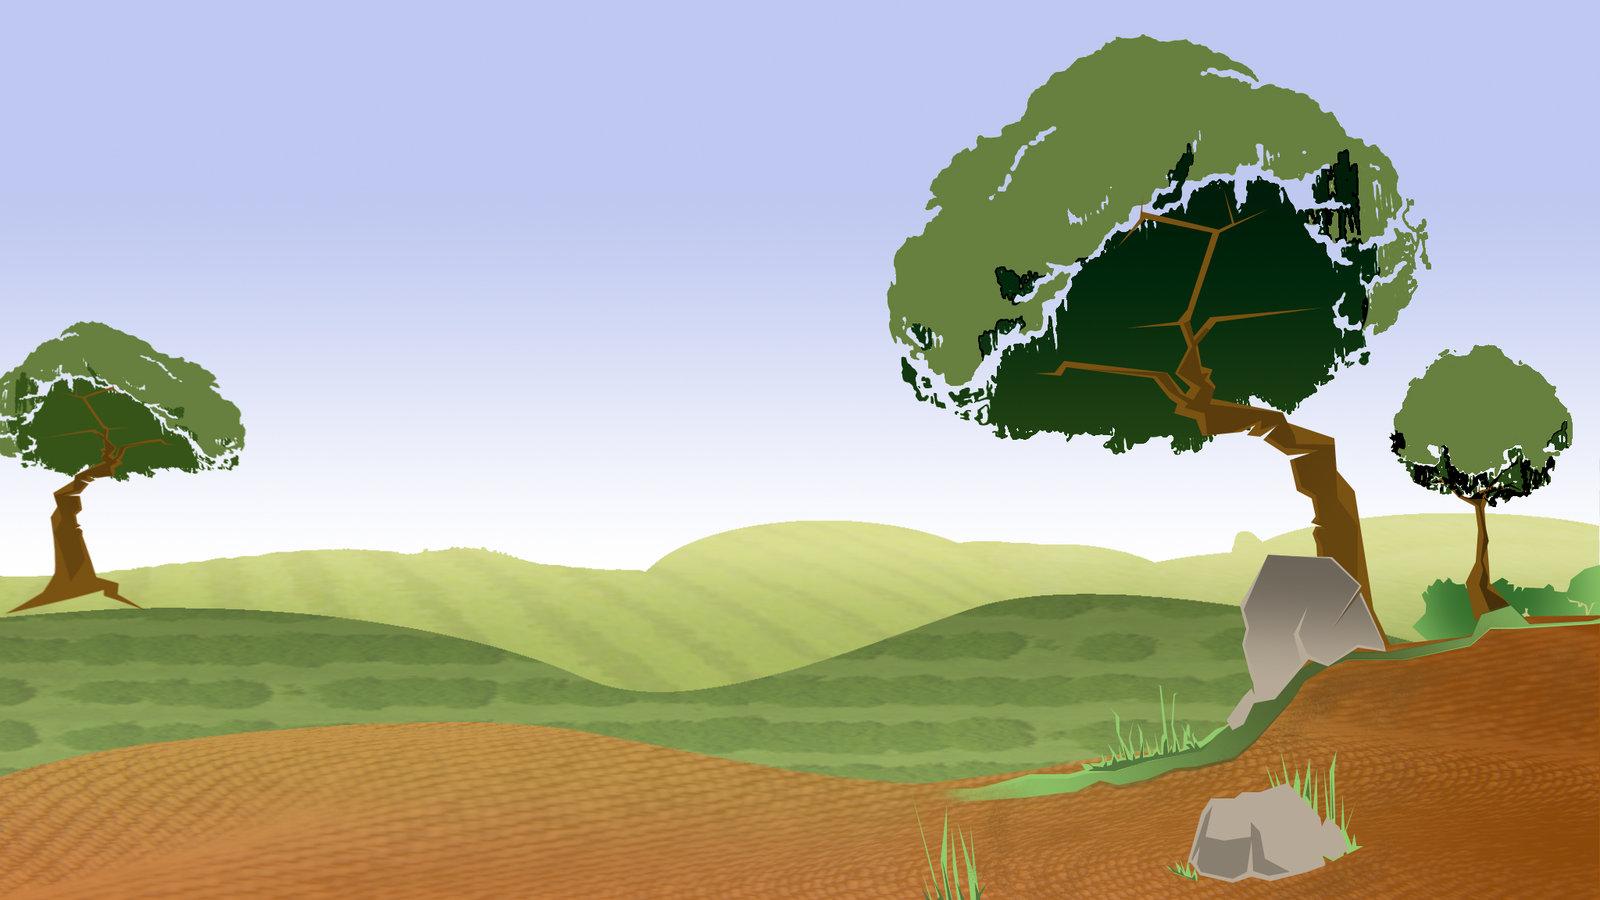 Earlier Farm Background By Go Crag Go On Deviantart #hrnG5R.